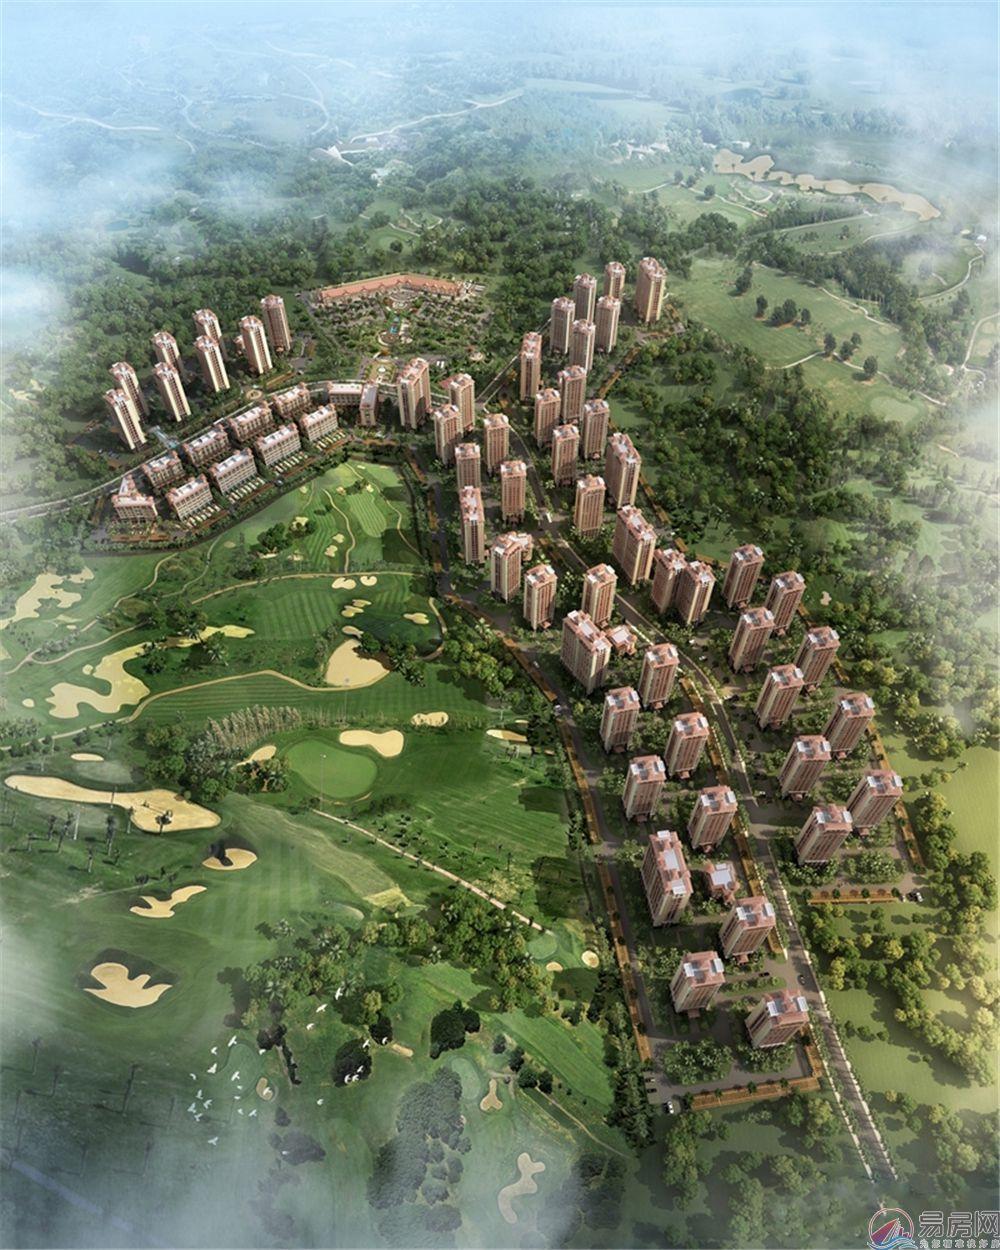 http://yuefangwangimg.oss-cn-hangzhou.aliyuncs.com/uploads/20190803/2e3a15331f52d93ffecb8be96563a065Max.jpg